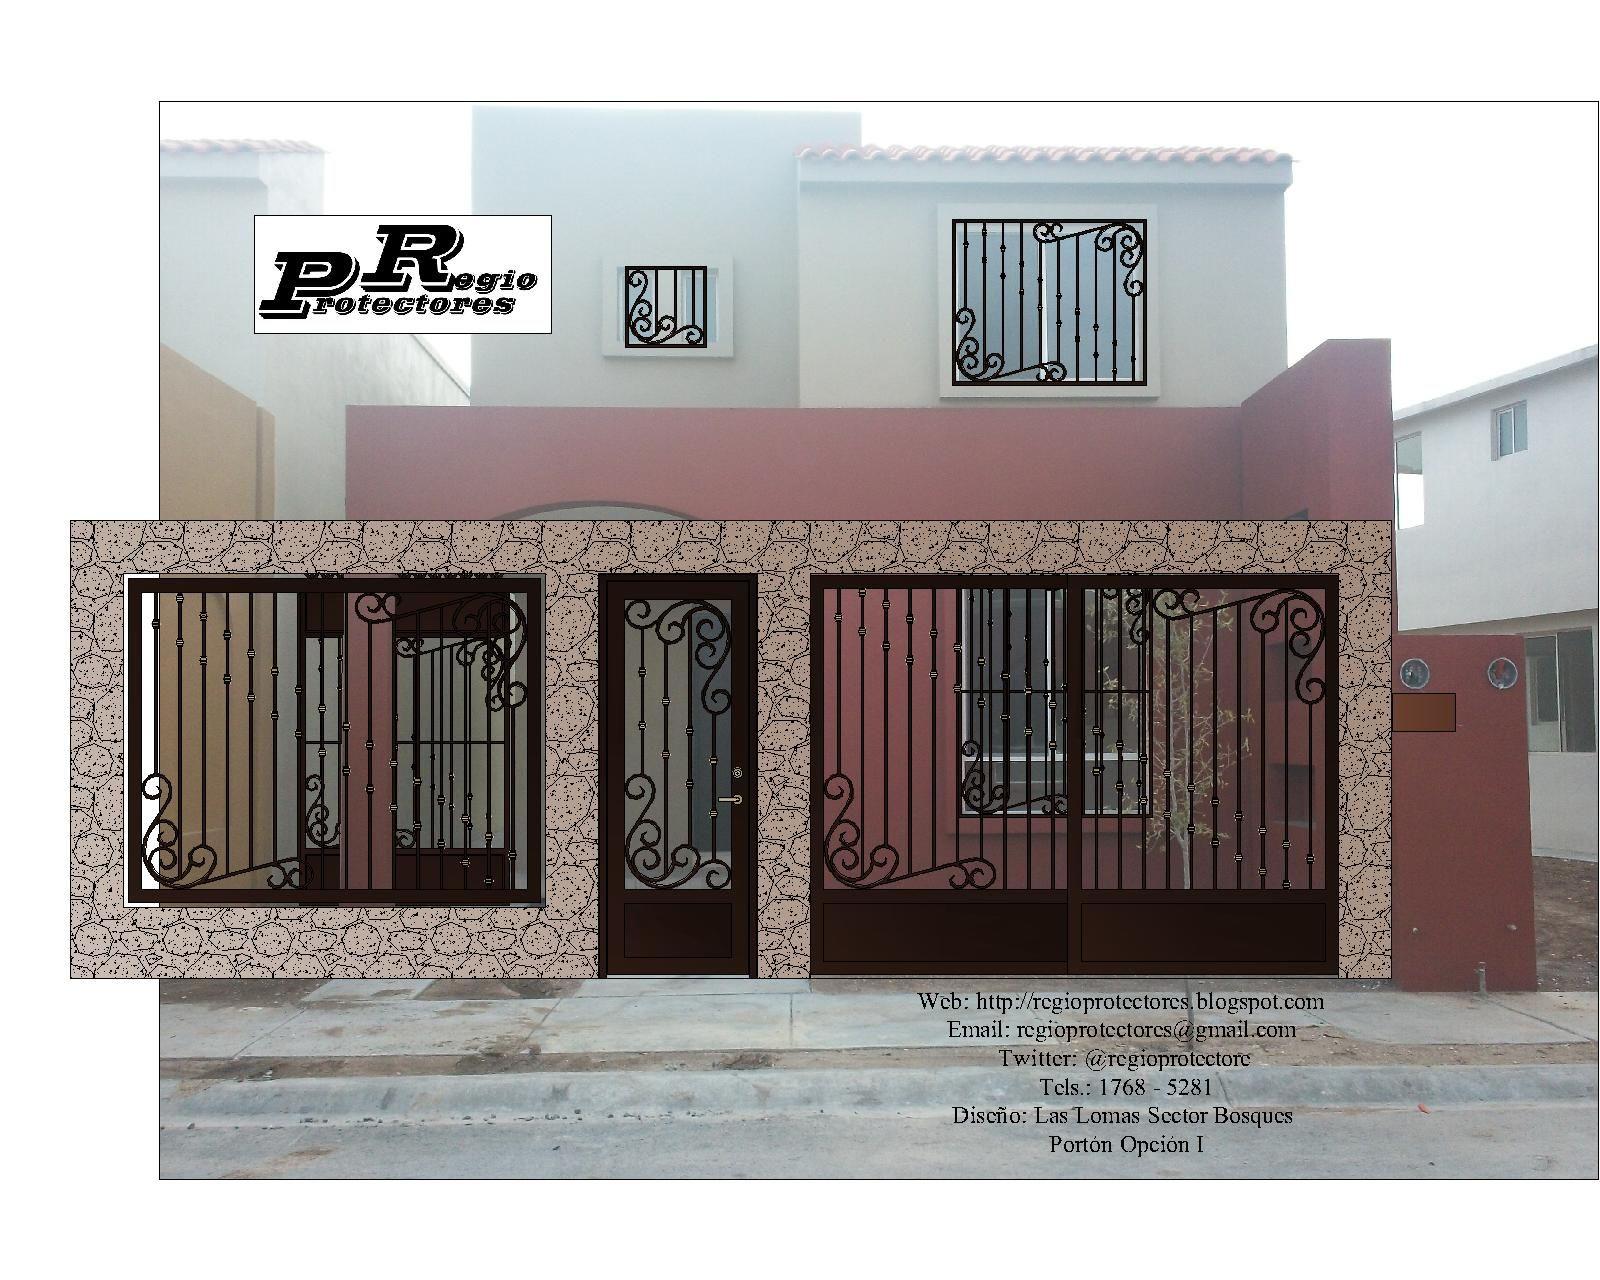 Frentes Casas Rejas Para Ventanas Edificios Pictures Page Genuardis Rejas Para Casas Rejas Para Casas Modernas Fachadas De Casas Modernas